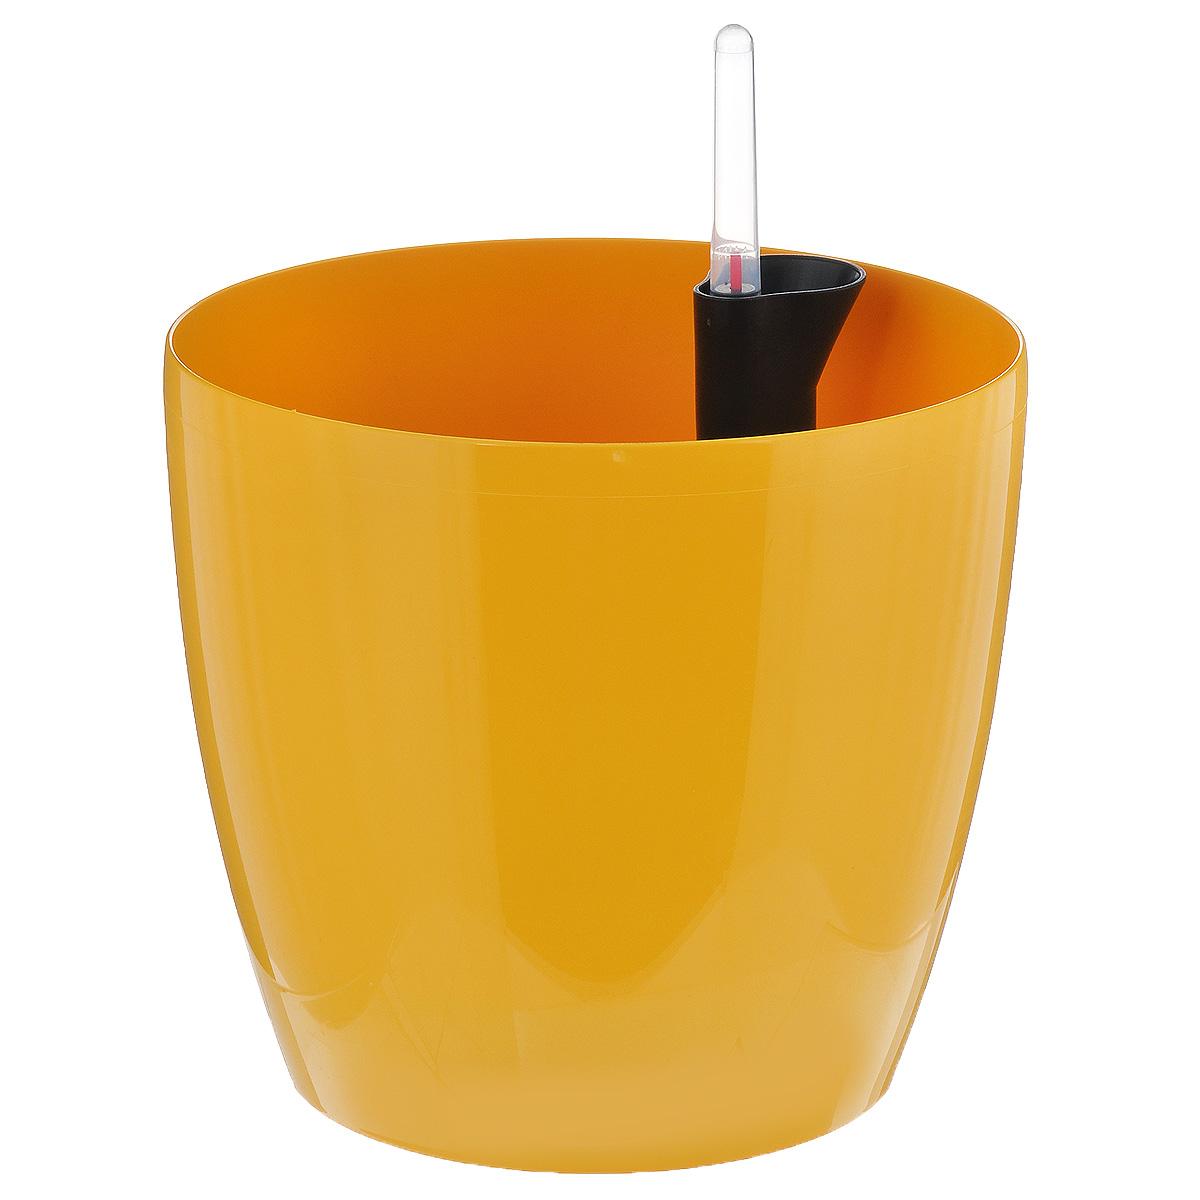 Кашпо Prosperplast Coubi, с системой автополива, цвет: желтый, диаметр 19 смDUO190-B_желтыйКашпо Prosperplast Coubi, изготовленное из высококачественного пластика, идеальное решение для тех, кто регулярно забывает поливать комнатные растения. Кашпо имеет уникальную систему автополива, благодаря которой корневая система растения непрерывно снабжается влагой из резервуара. Уровень воды в резервуаре контролируется с помощью специального индикатора. В зависимости от размера кашпо и растения воды хватает на 2-12 недель. Стильный дизайн позволит украсить растениями офис, кафе или любую комнату, и при этом система автополива будет увлажнять почву без вашего вмешательства. Кашпо Prosperplast Coubi с системой автополива упростит уход за вашими цветами и поможет растениям получать то количество влаги, которое им необходимо в данный момент времени.Диаметр: 19 см. Высота стенки: 17,5 см.